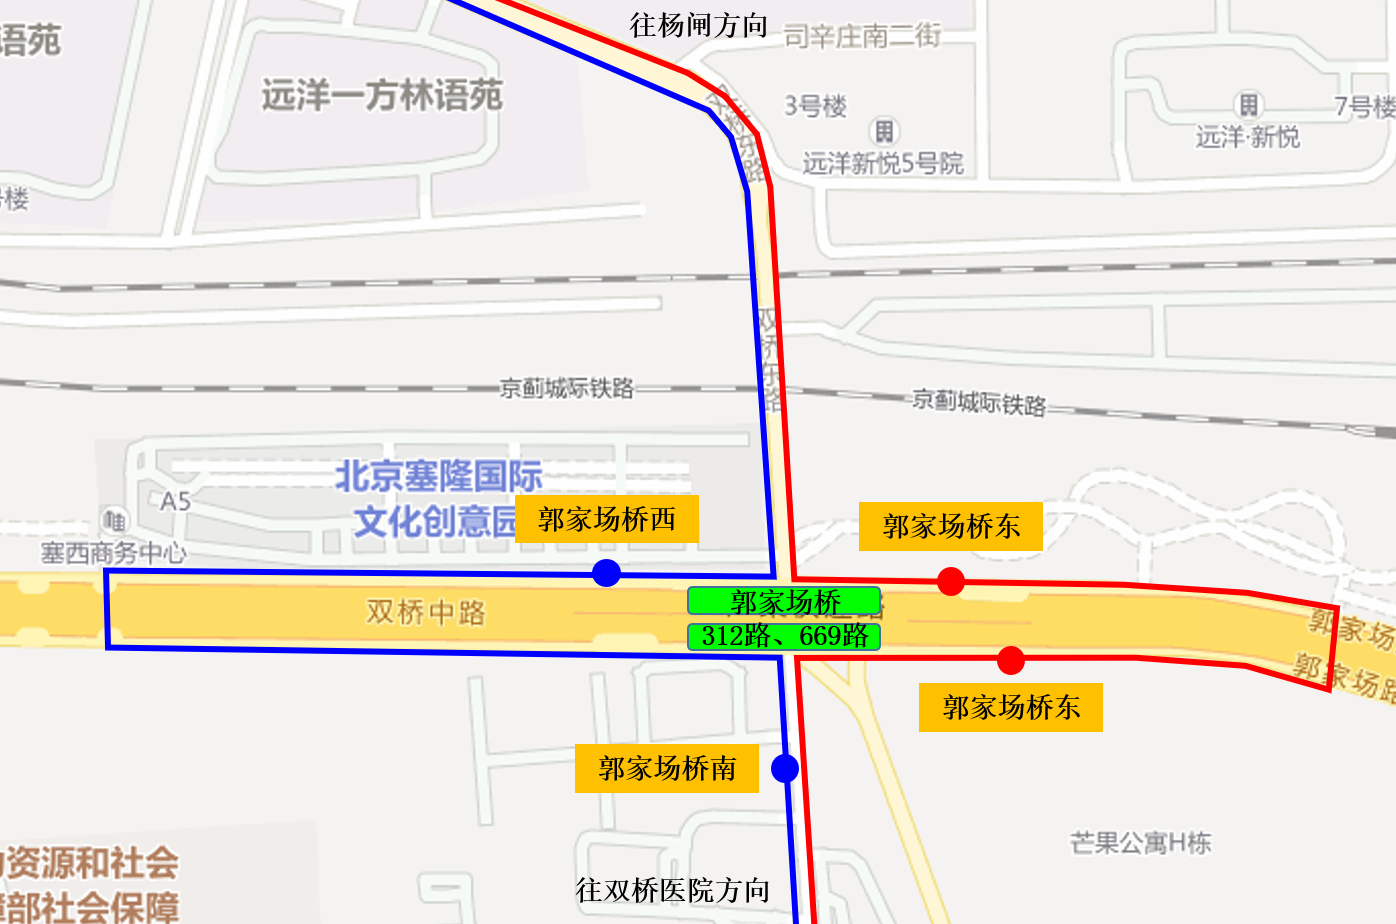 9月30日起 北京5条公交线路增设中途站位图片